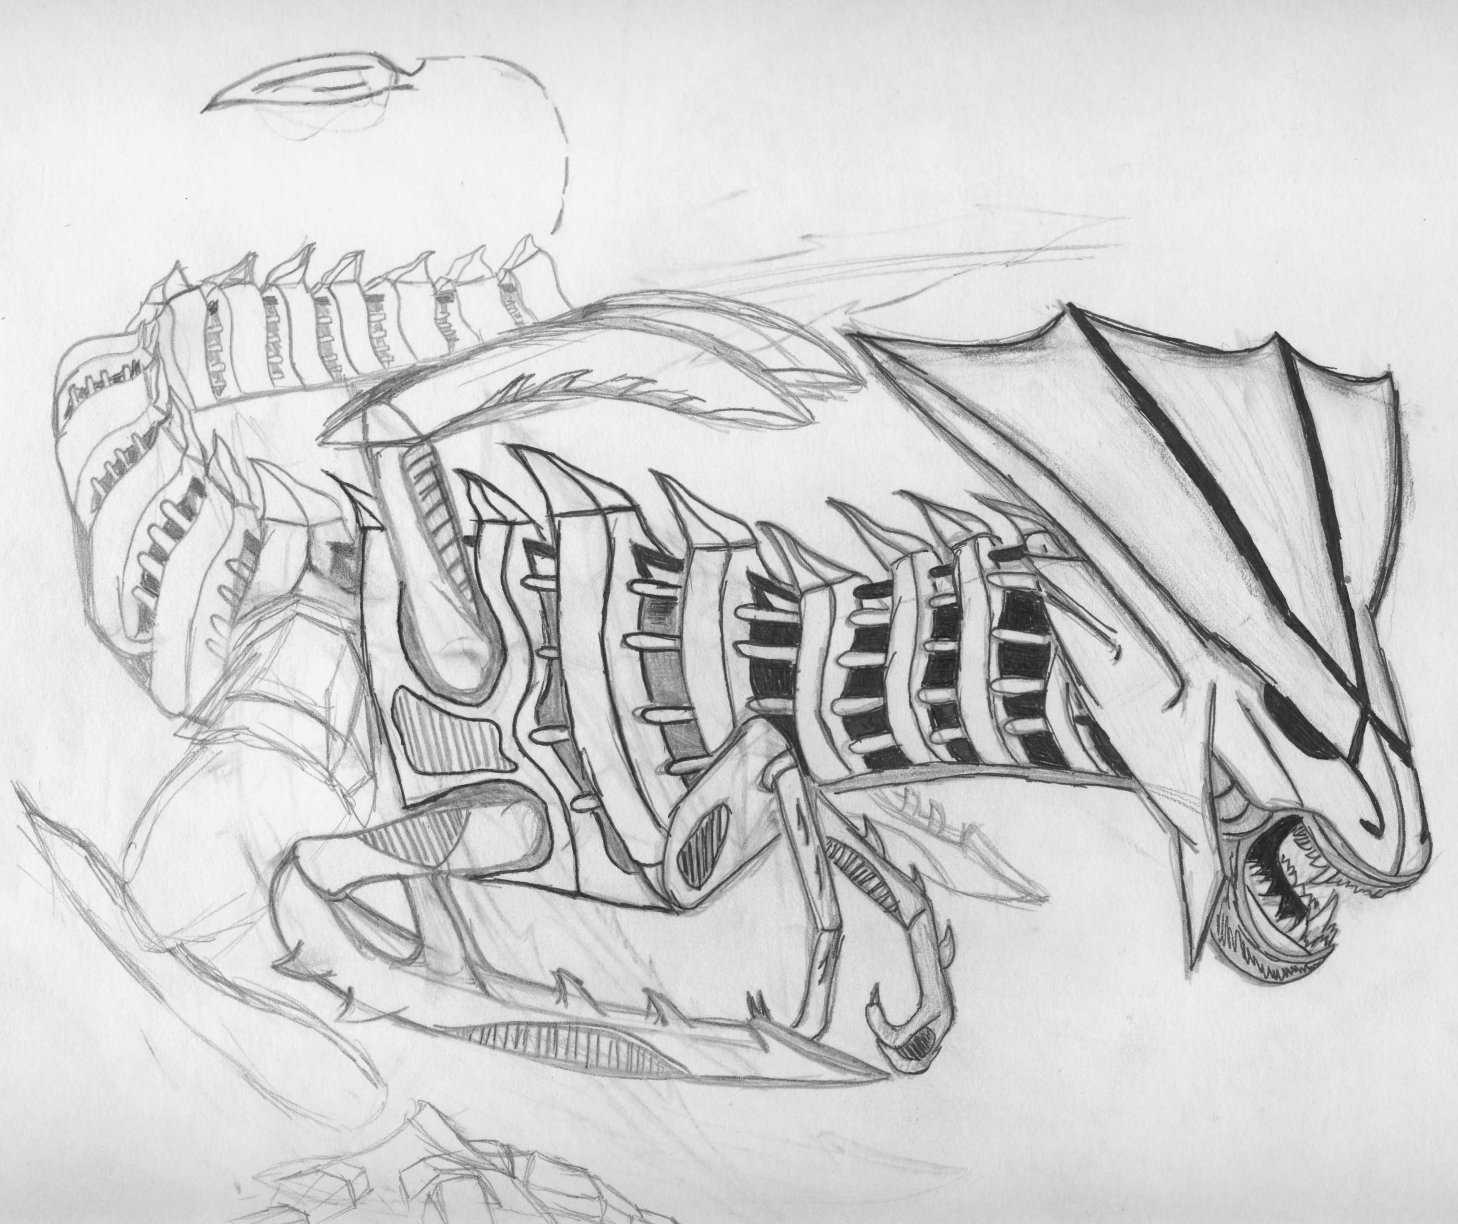 Alien Queen by Null-Entity